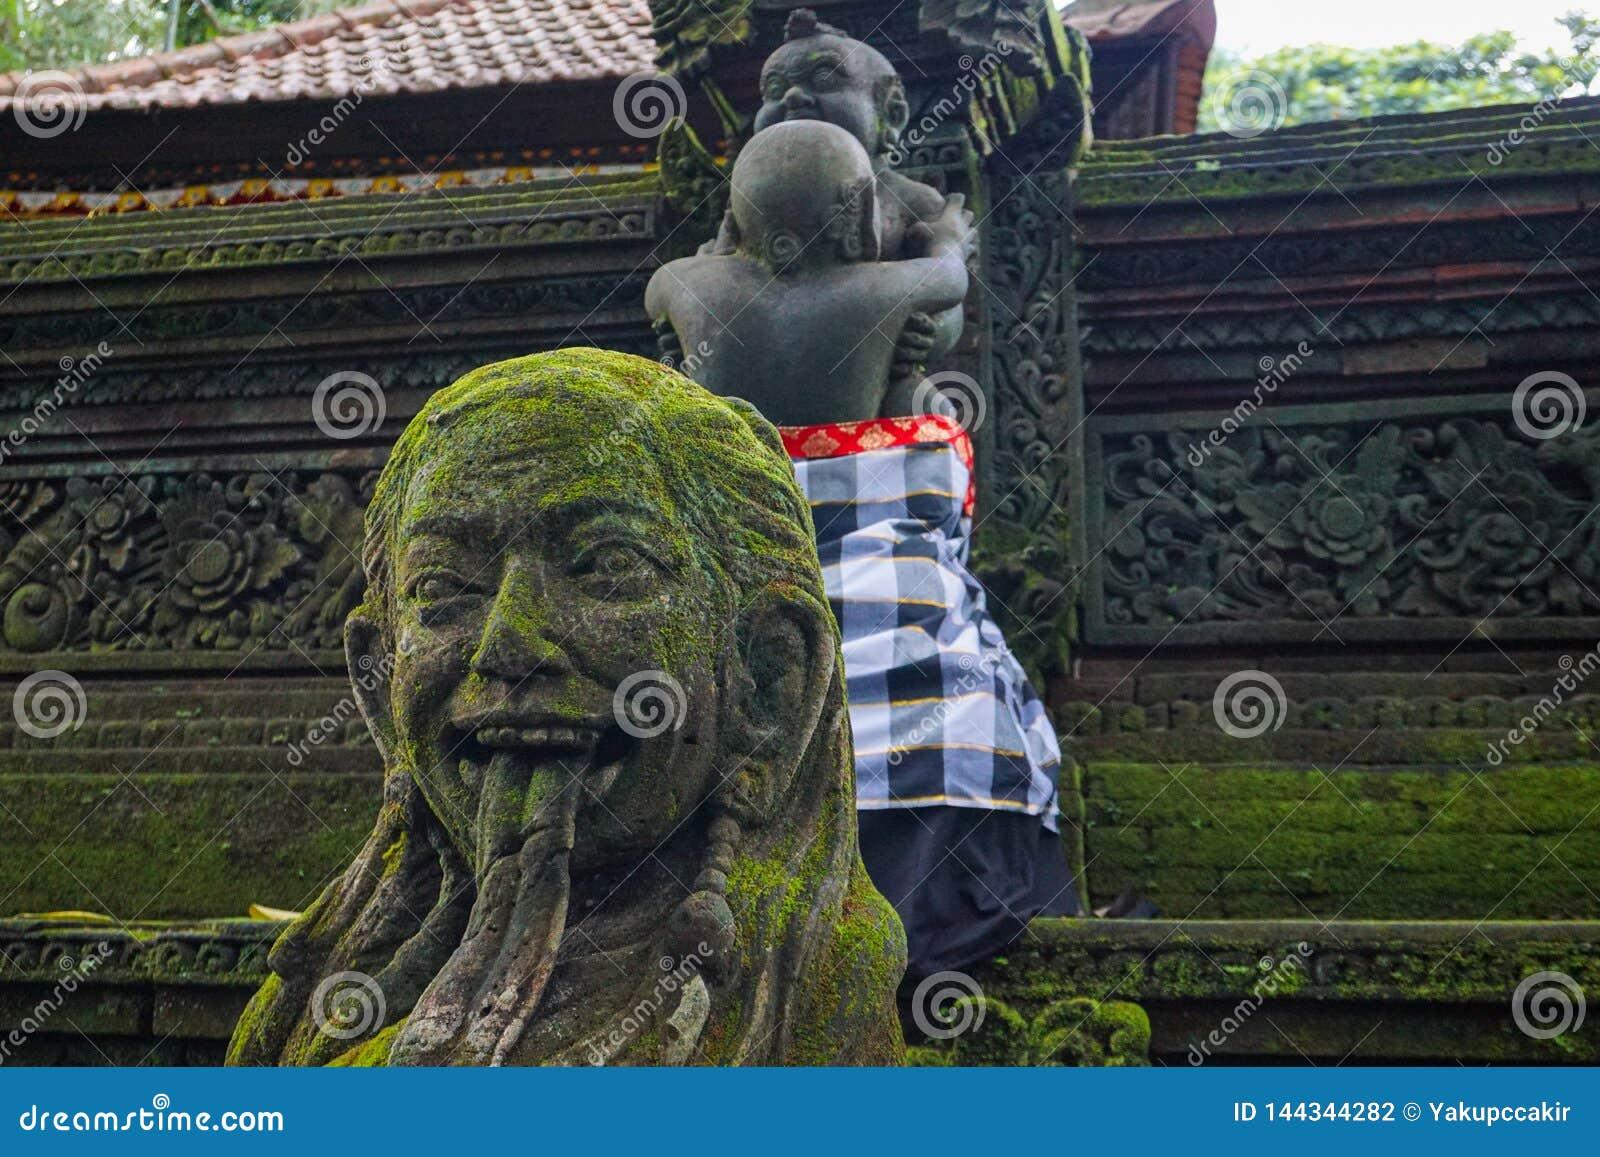 Statua w Hinduskiej świątyni w Ubud małpy lesie zakrywającym mech, Bali wyspa, Indonezja